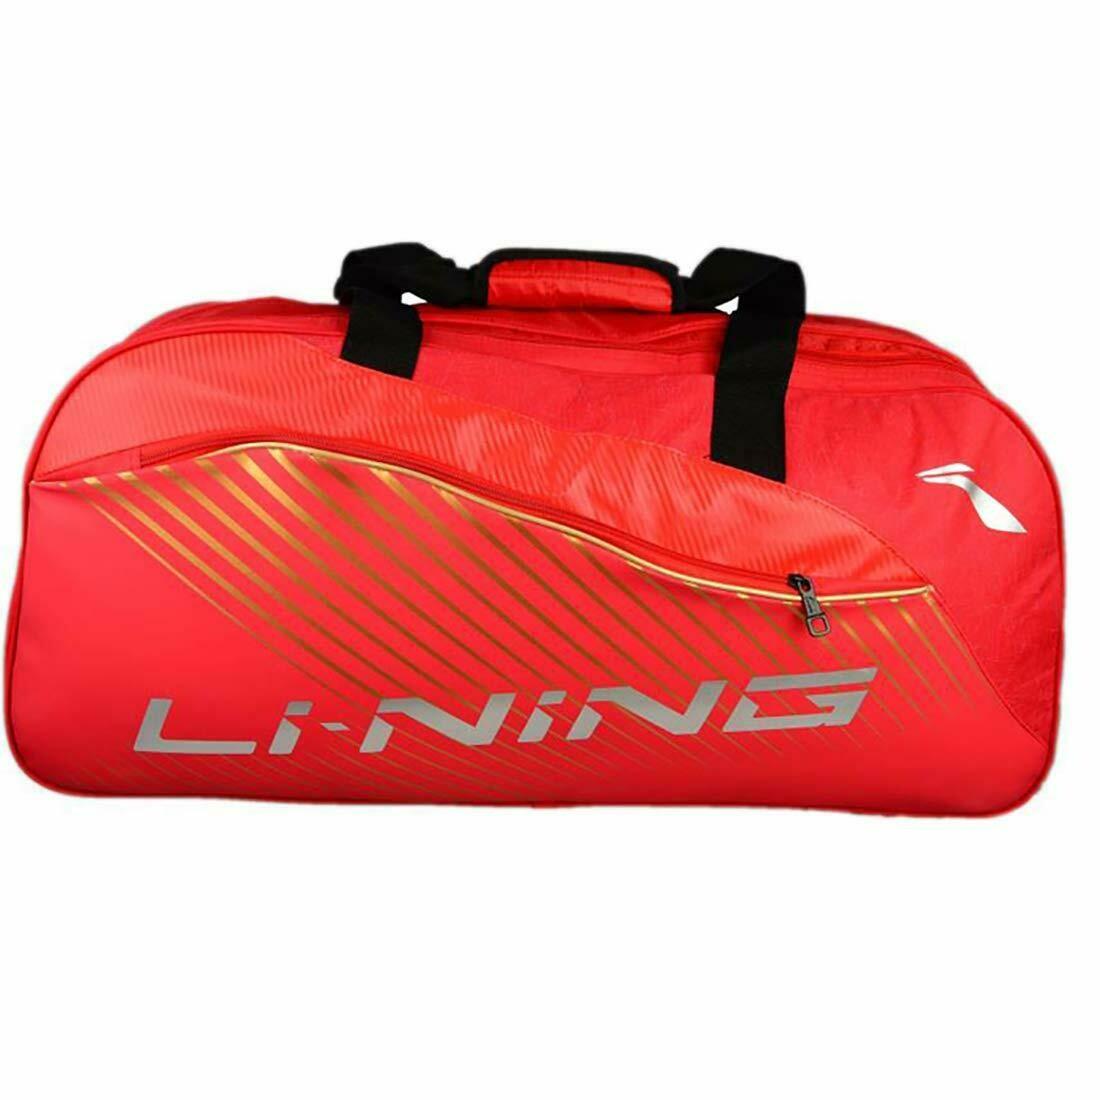 LI-NING ABDN146-1 6 in 1Thermal Kit Bag-Red